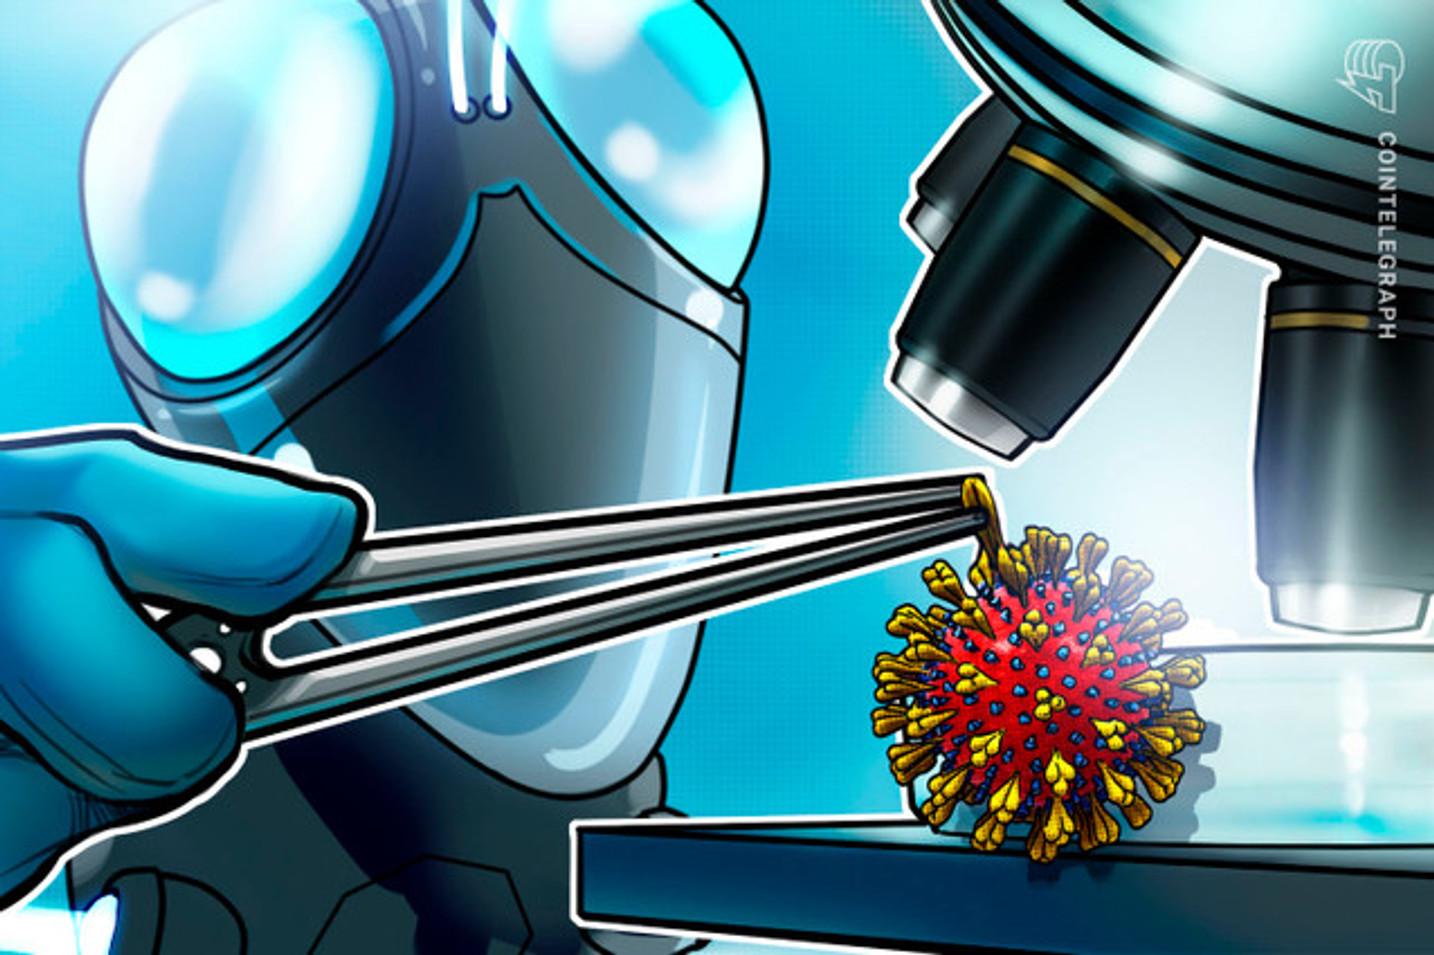 Tecnología Blockchain podría ayudar en la entrega de vacunas contra el COVID-19